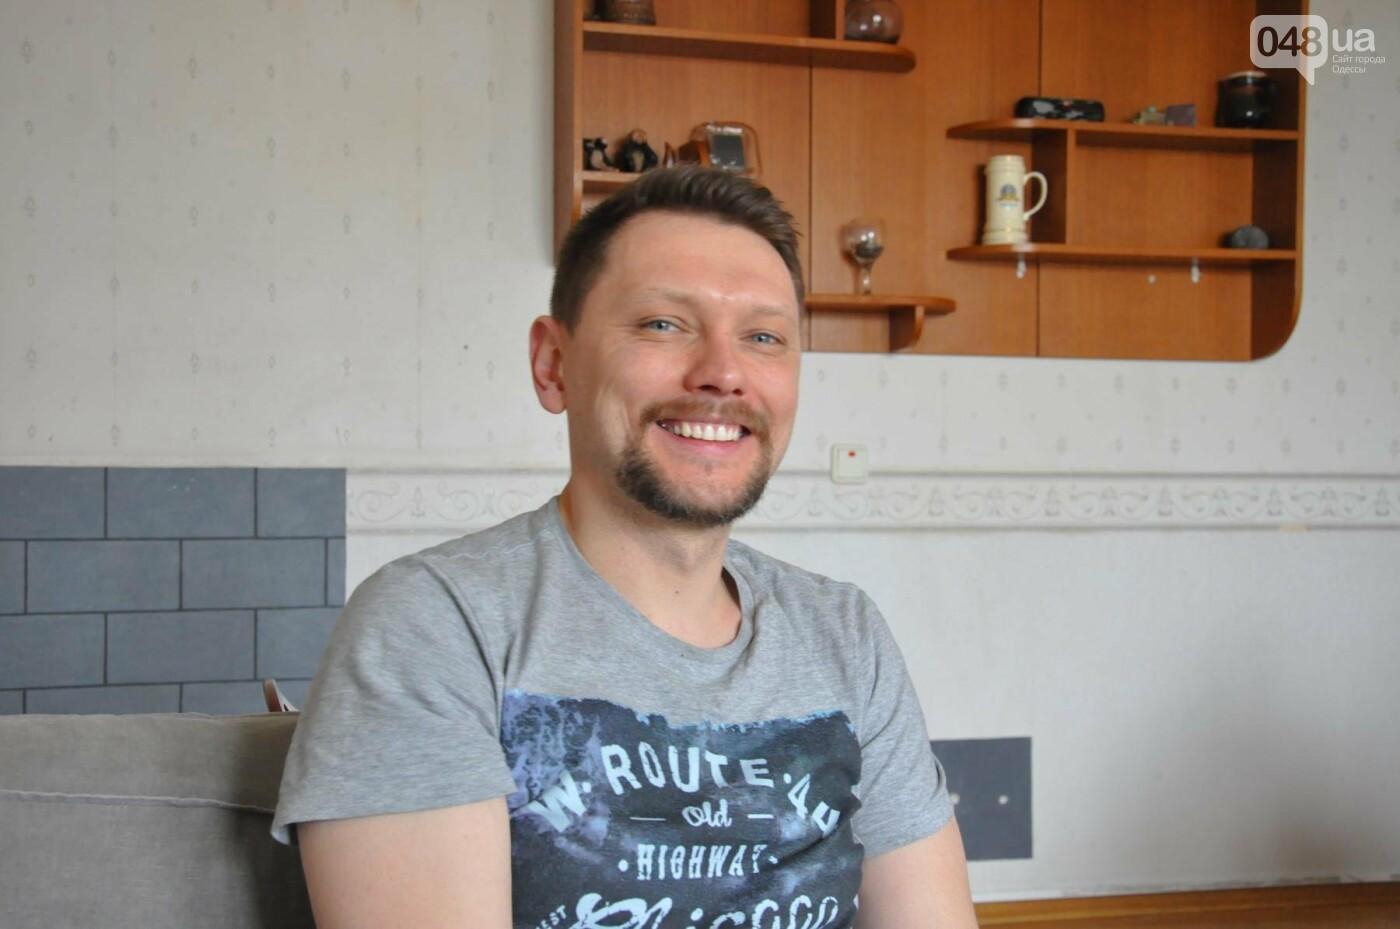 Одесский «мститель с топором» рассказал, что он против беспредела (ФОТО, ВИДЕО), фото-1